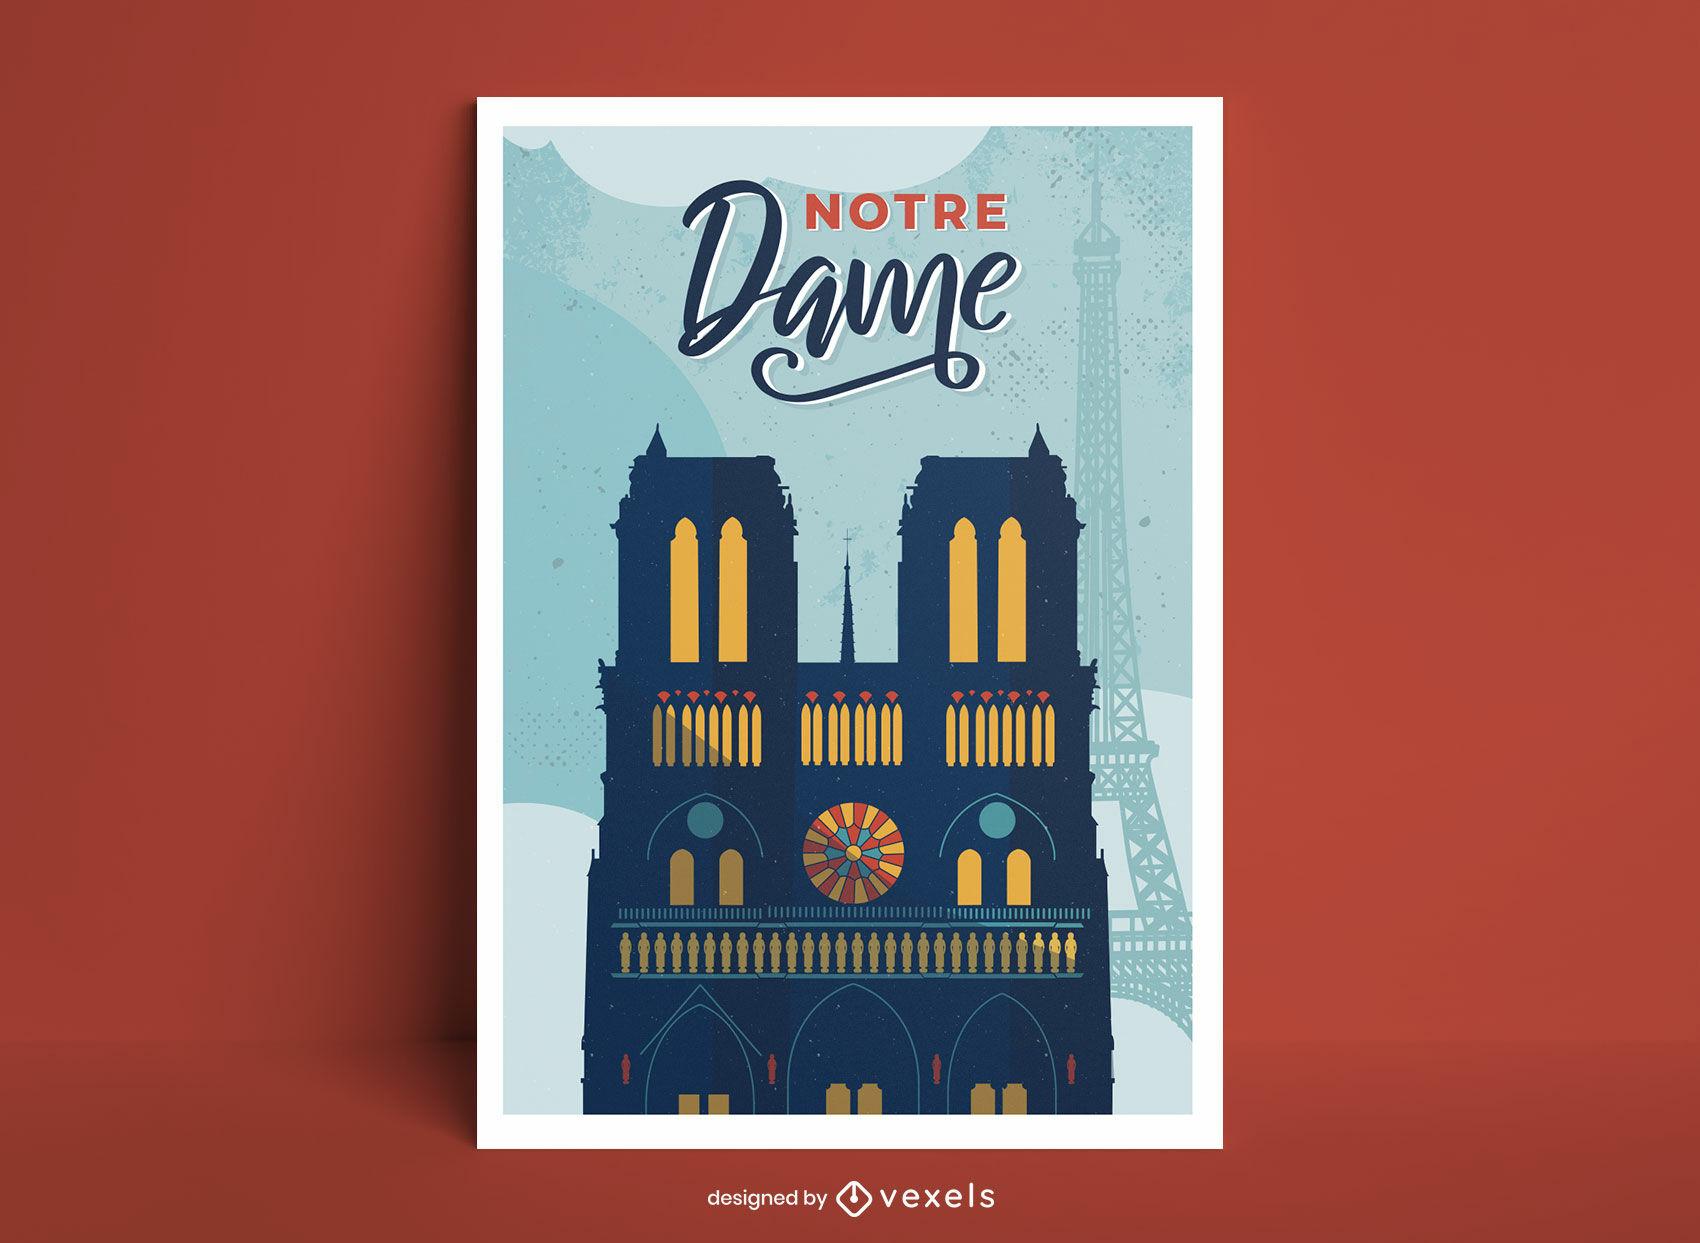 Notre dame building francia cartel diseño